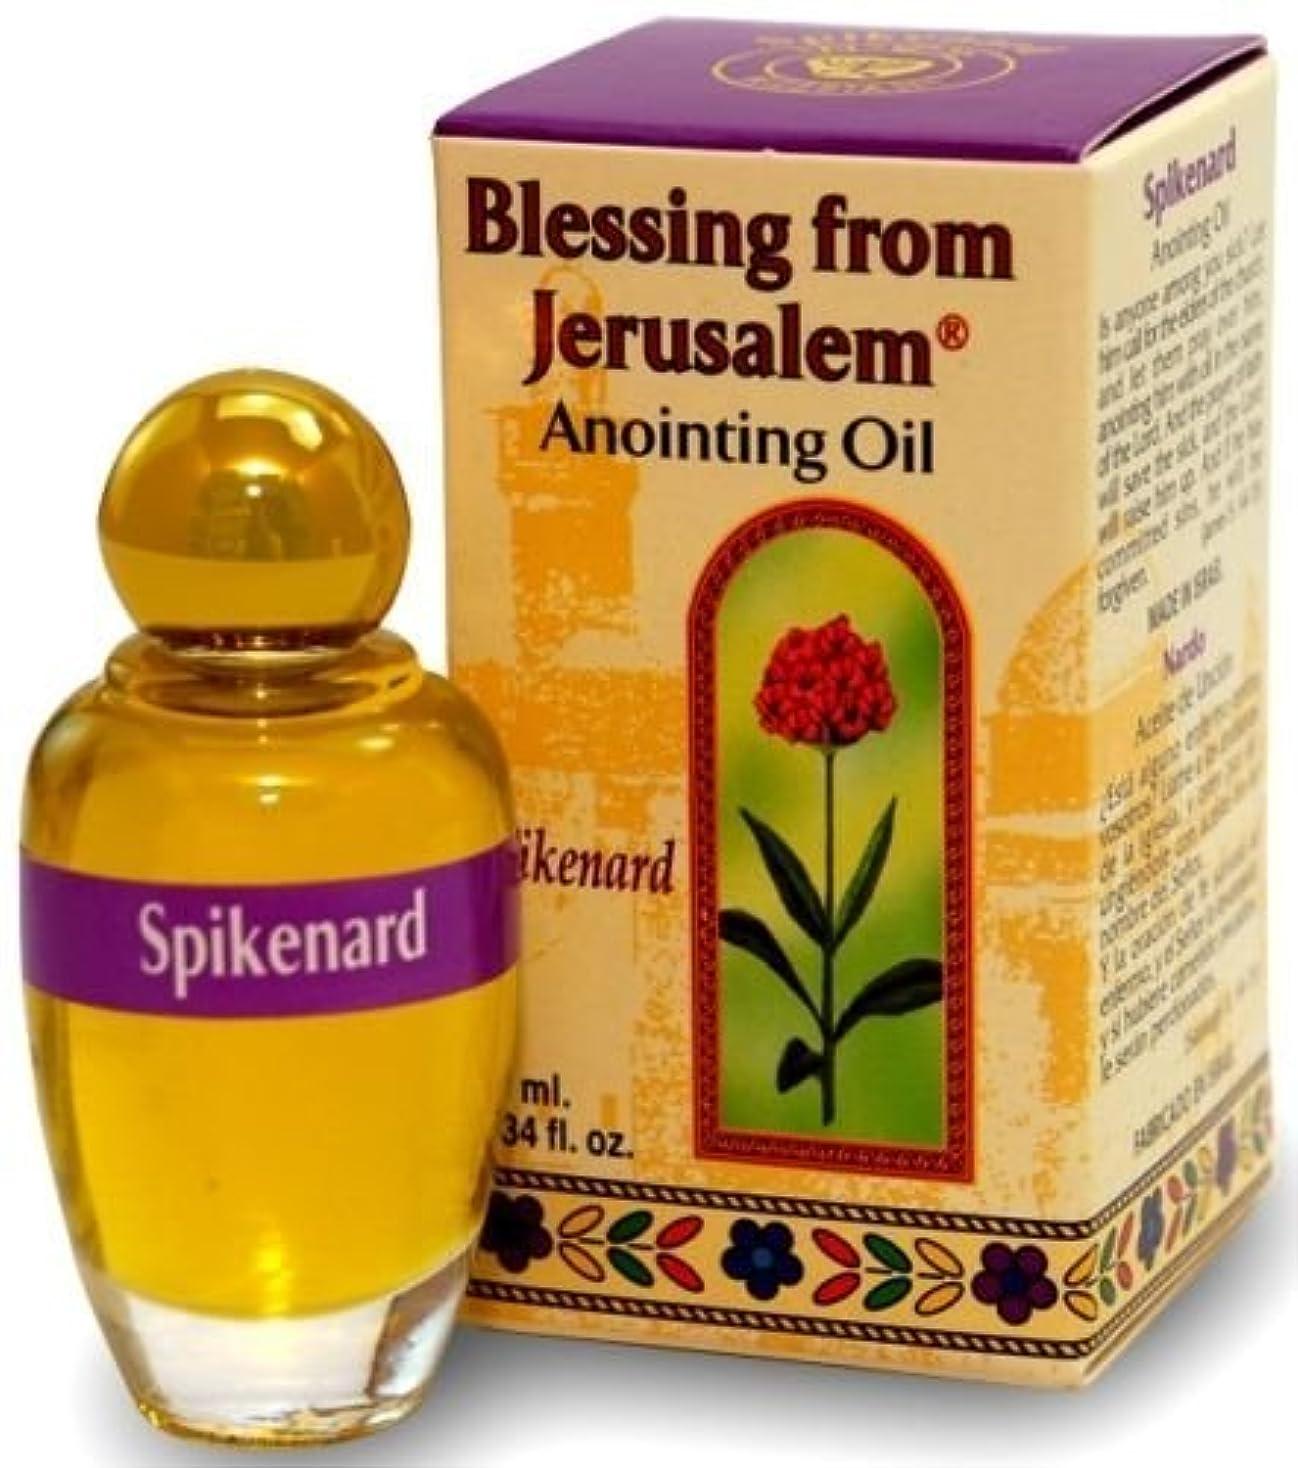 変化するホイップインポートSpikenard – BlessingからエルサレムAnointingオイル – 10 ml ( .34 FLオンス) byベツレヘムギフトTM